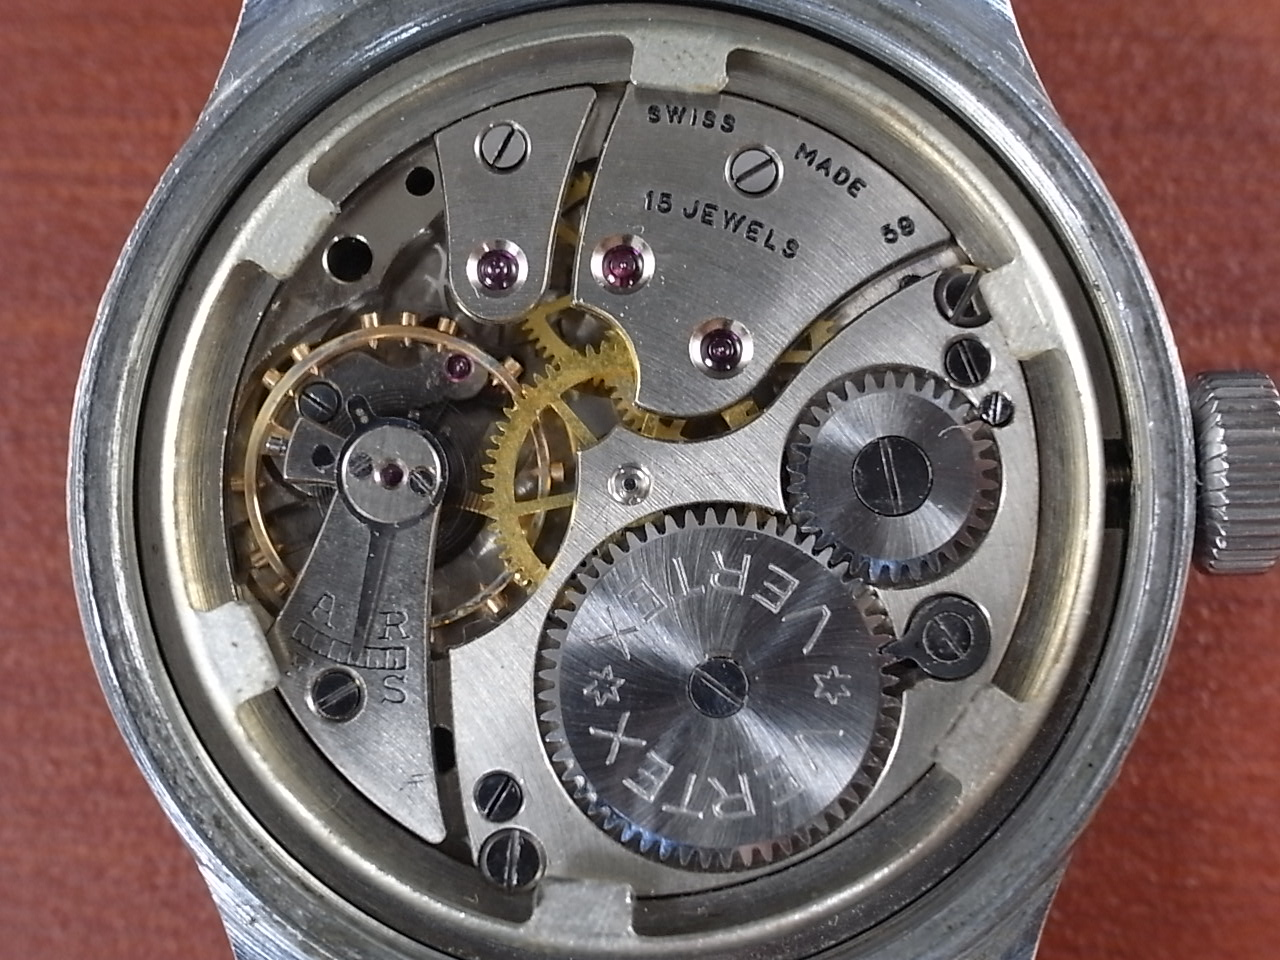 バーテックス 軍用時計 英陸軍 W.W.W. 1940年代の写真5枚目